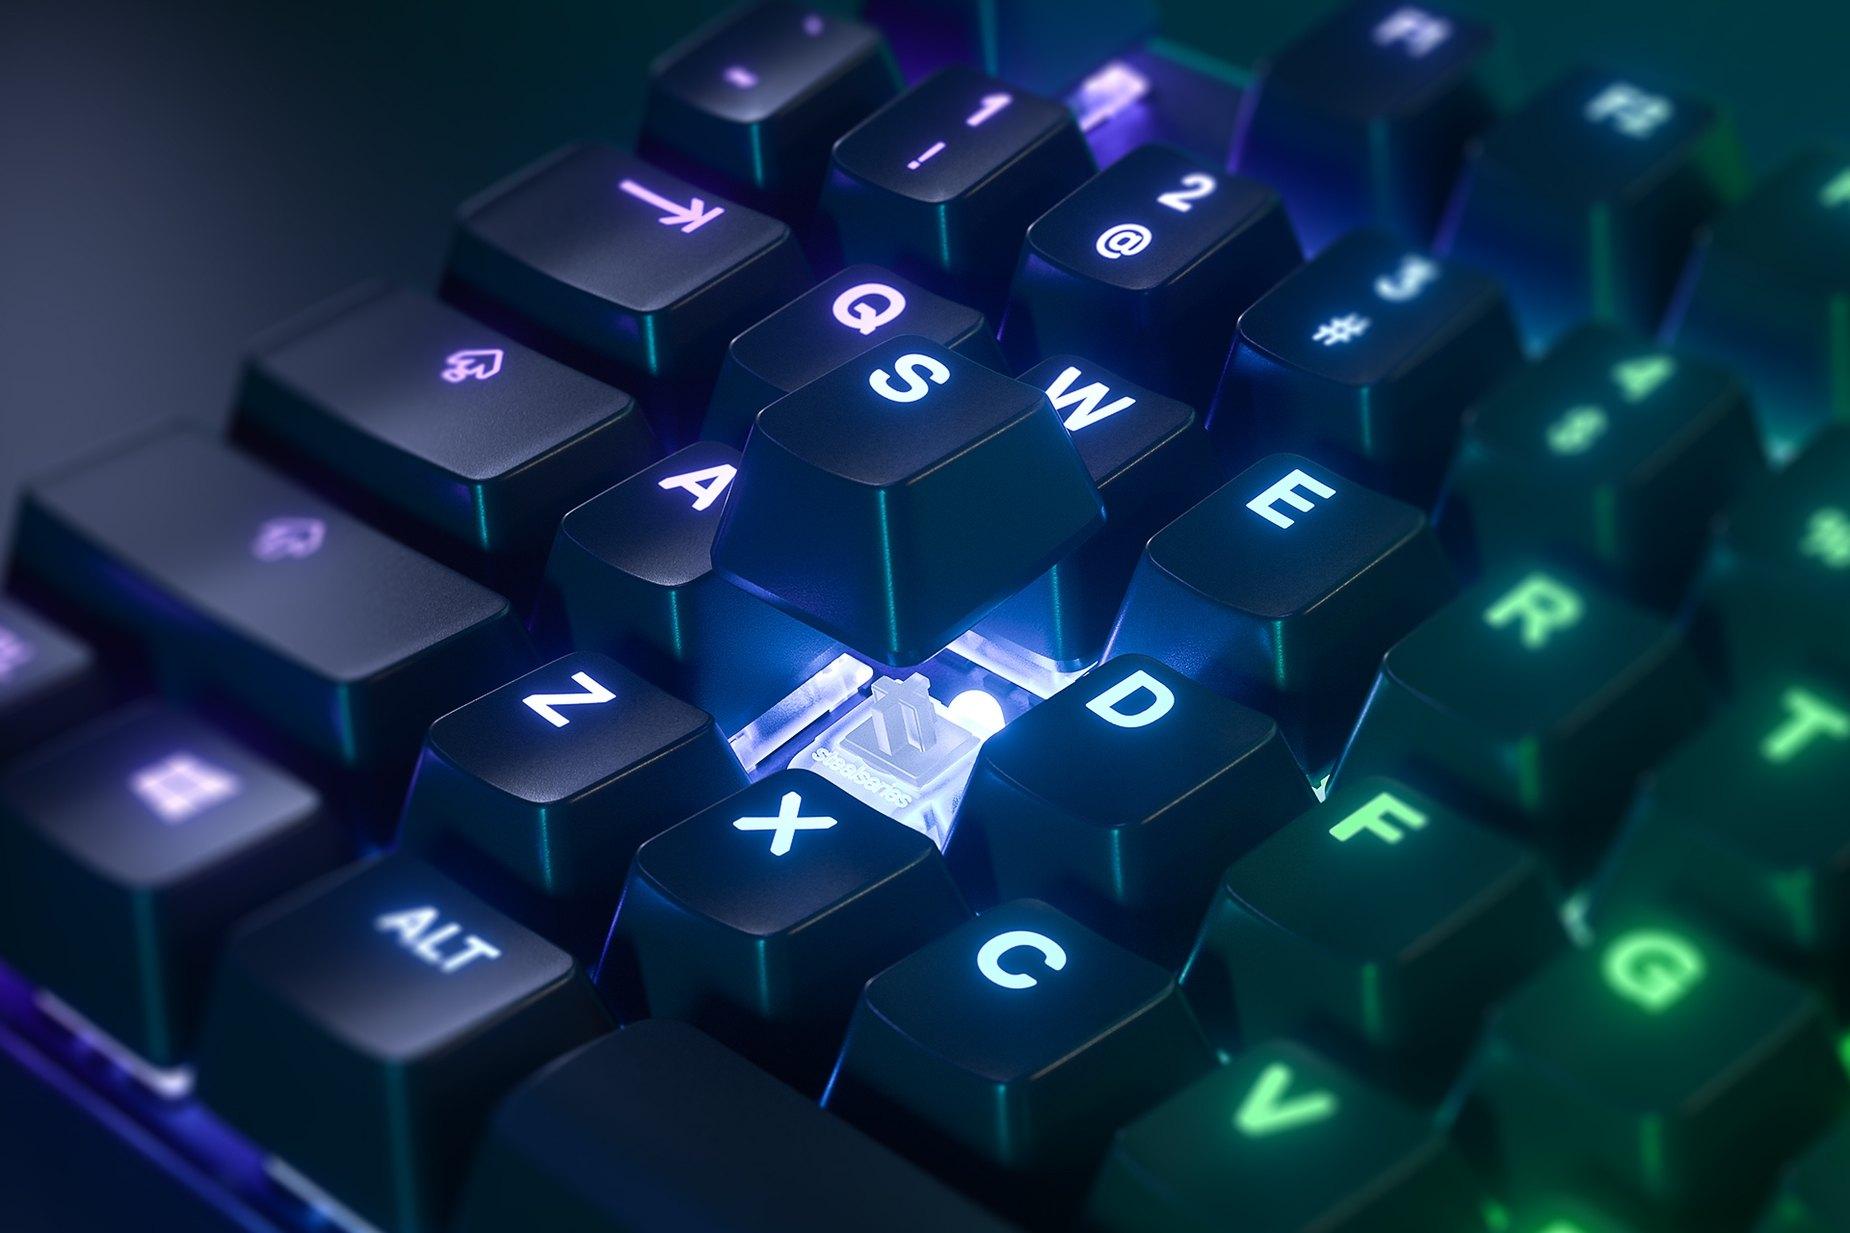 放大德文版上的單一按鍵檢視圖-Apex PRO TKL懸浮按鍵特殊款遊戲鍵盤可顯示下方的 SteelSeries OmniPoint 萬能可調機械按鍵